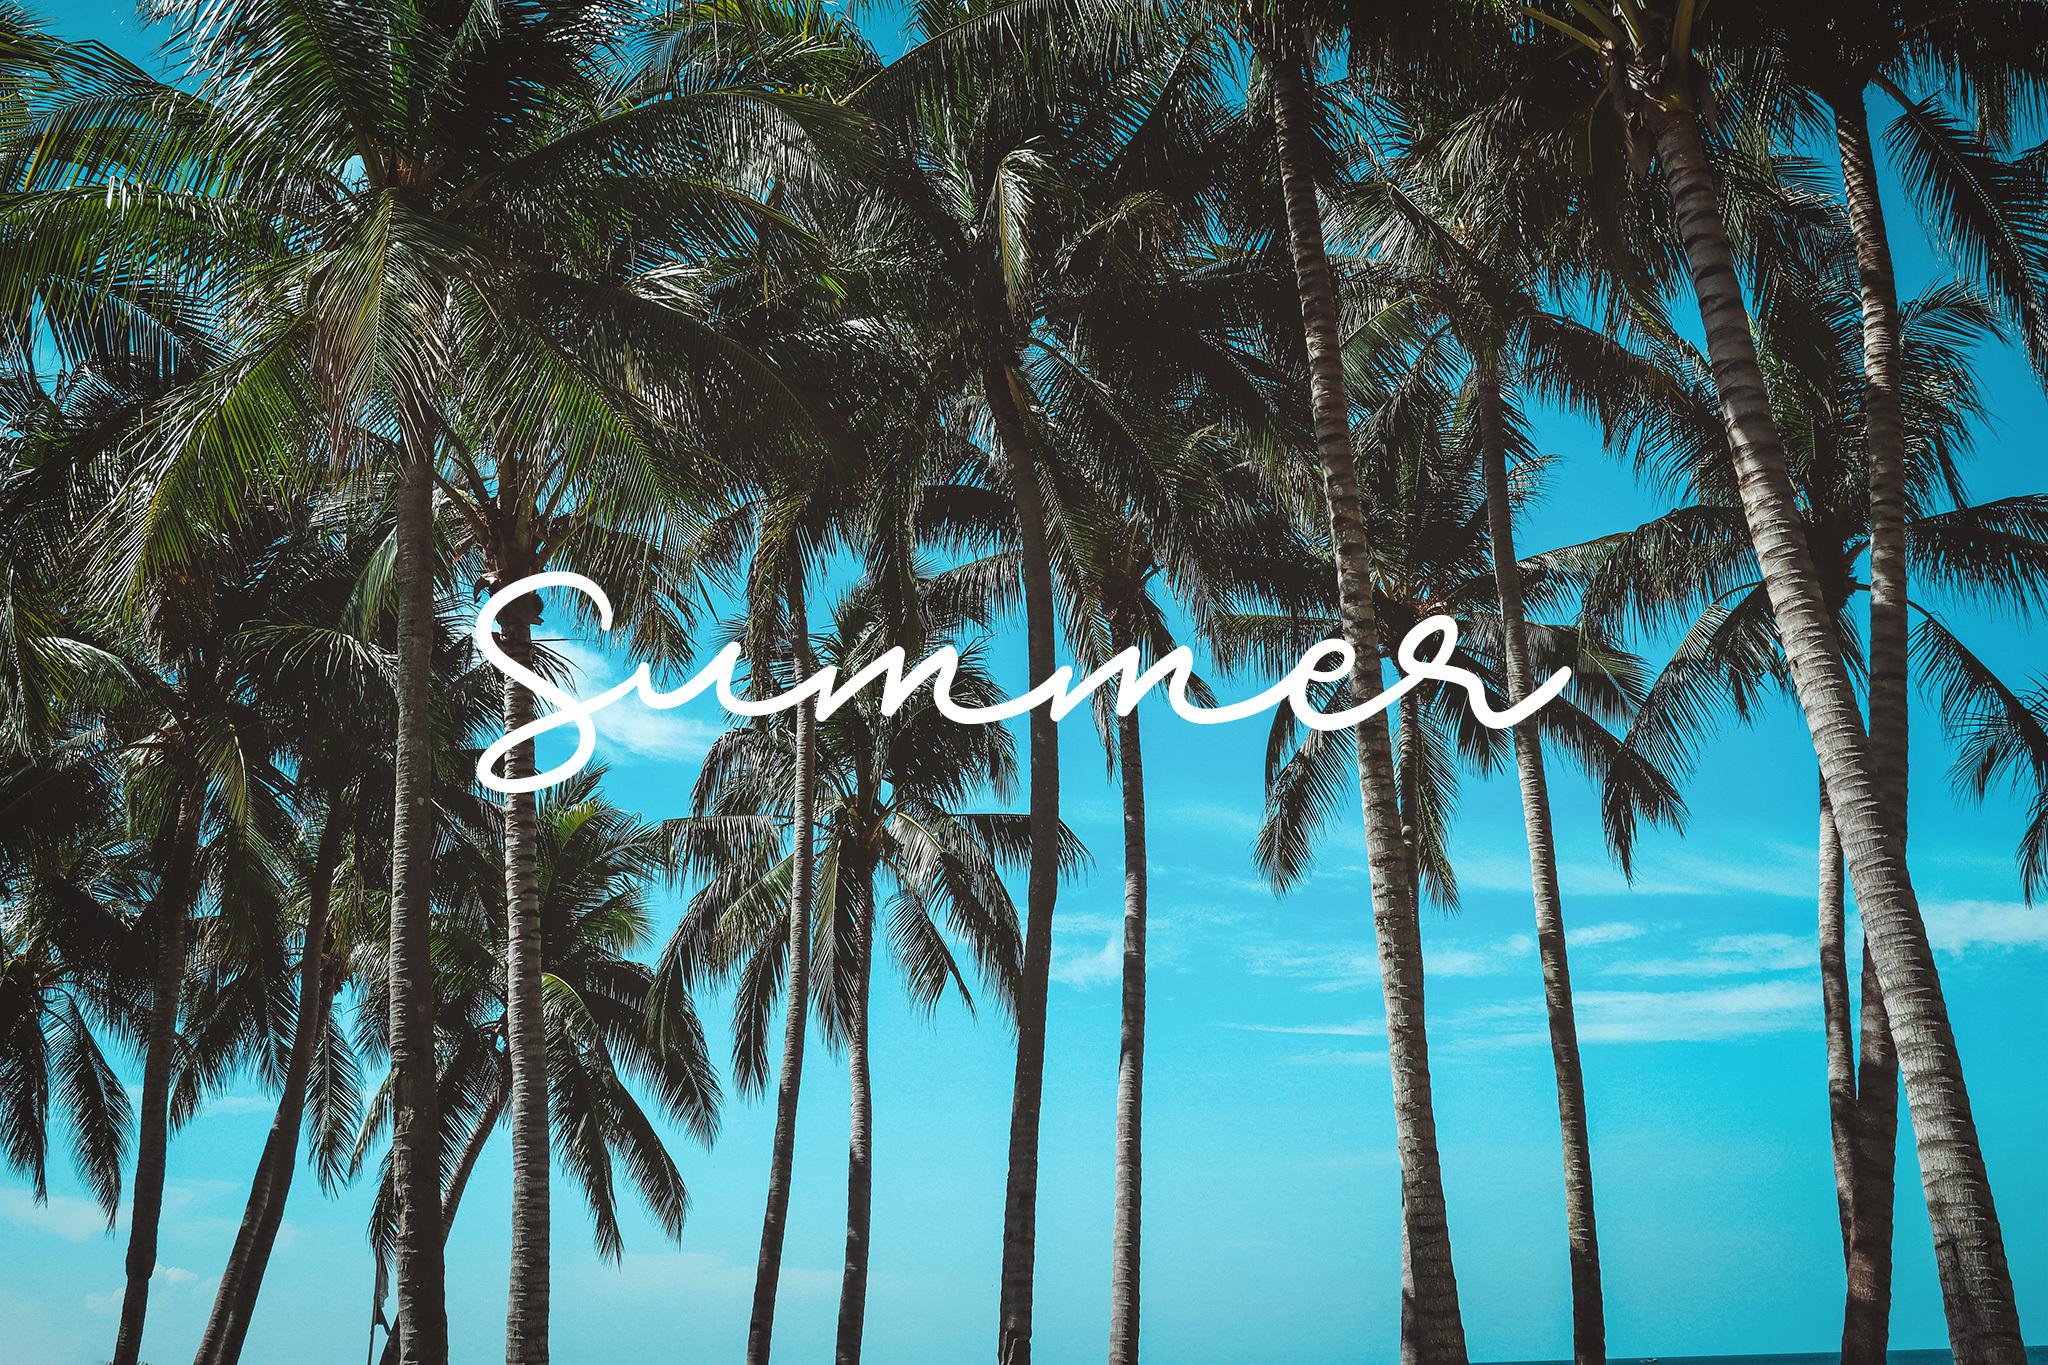 【2021年 夏季休業のお知らせ】